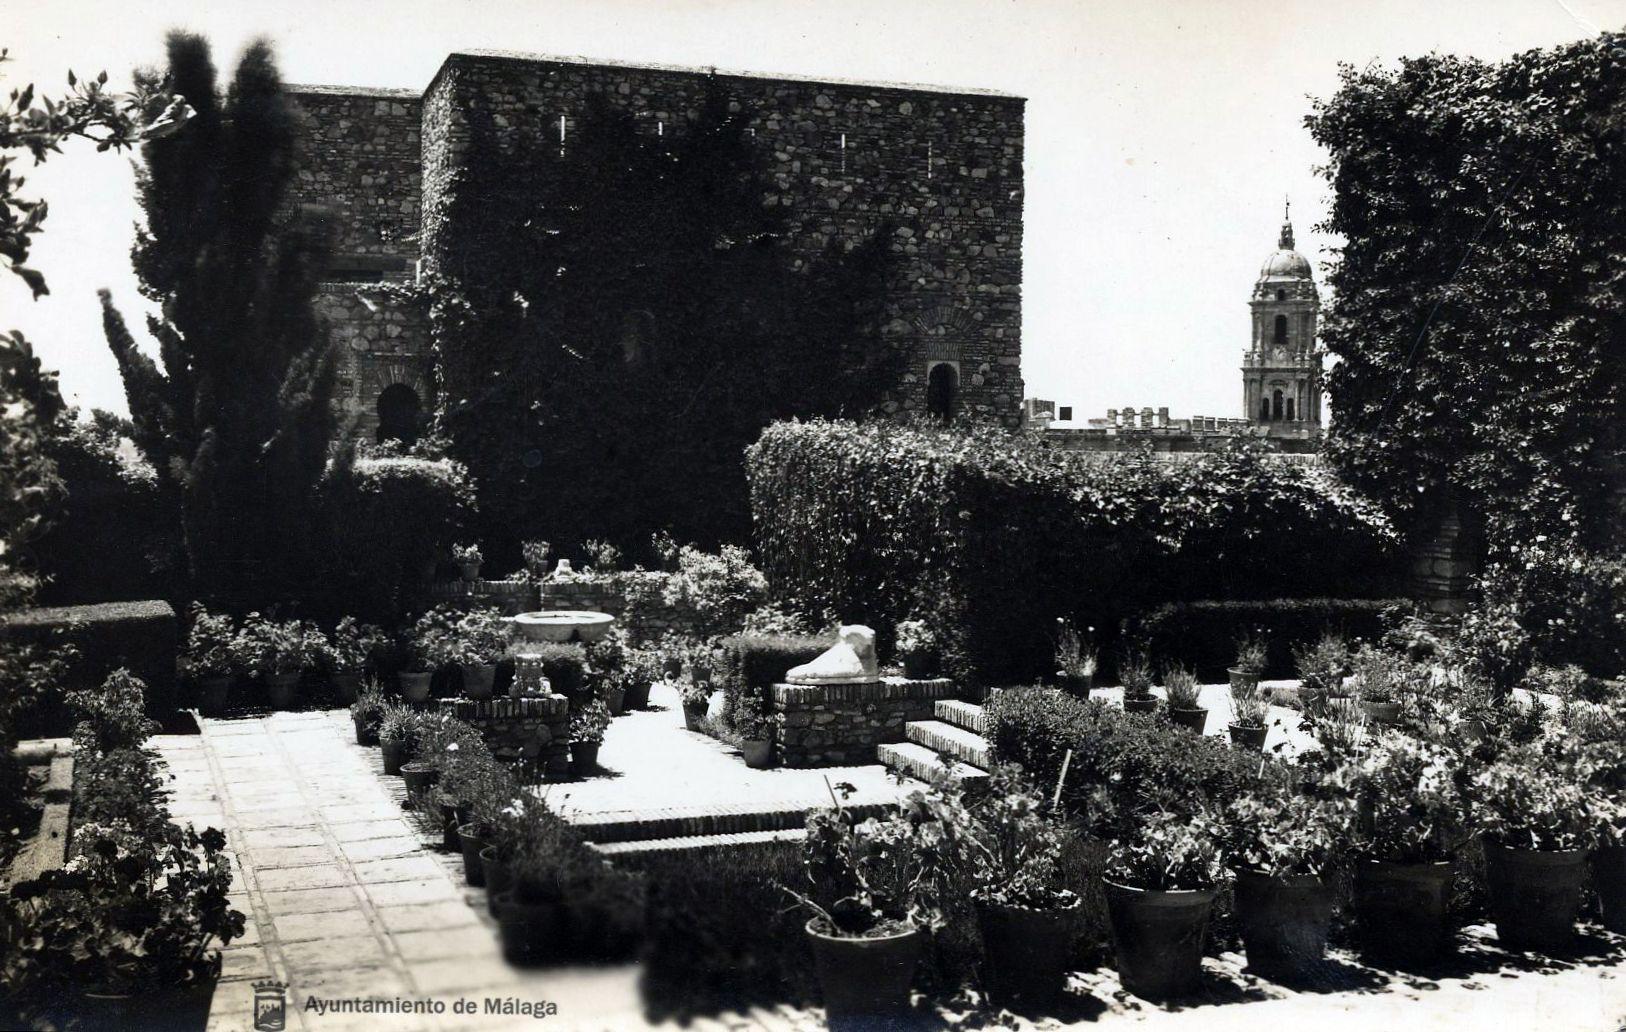 Vista de la Alcazaba de Málaga con la Catedral al fondo. Fotografía: Archivo Municipal de Málaga #AlcazabadeMalaga 2